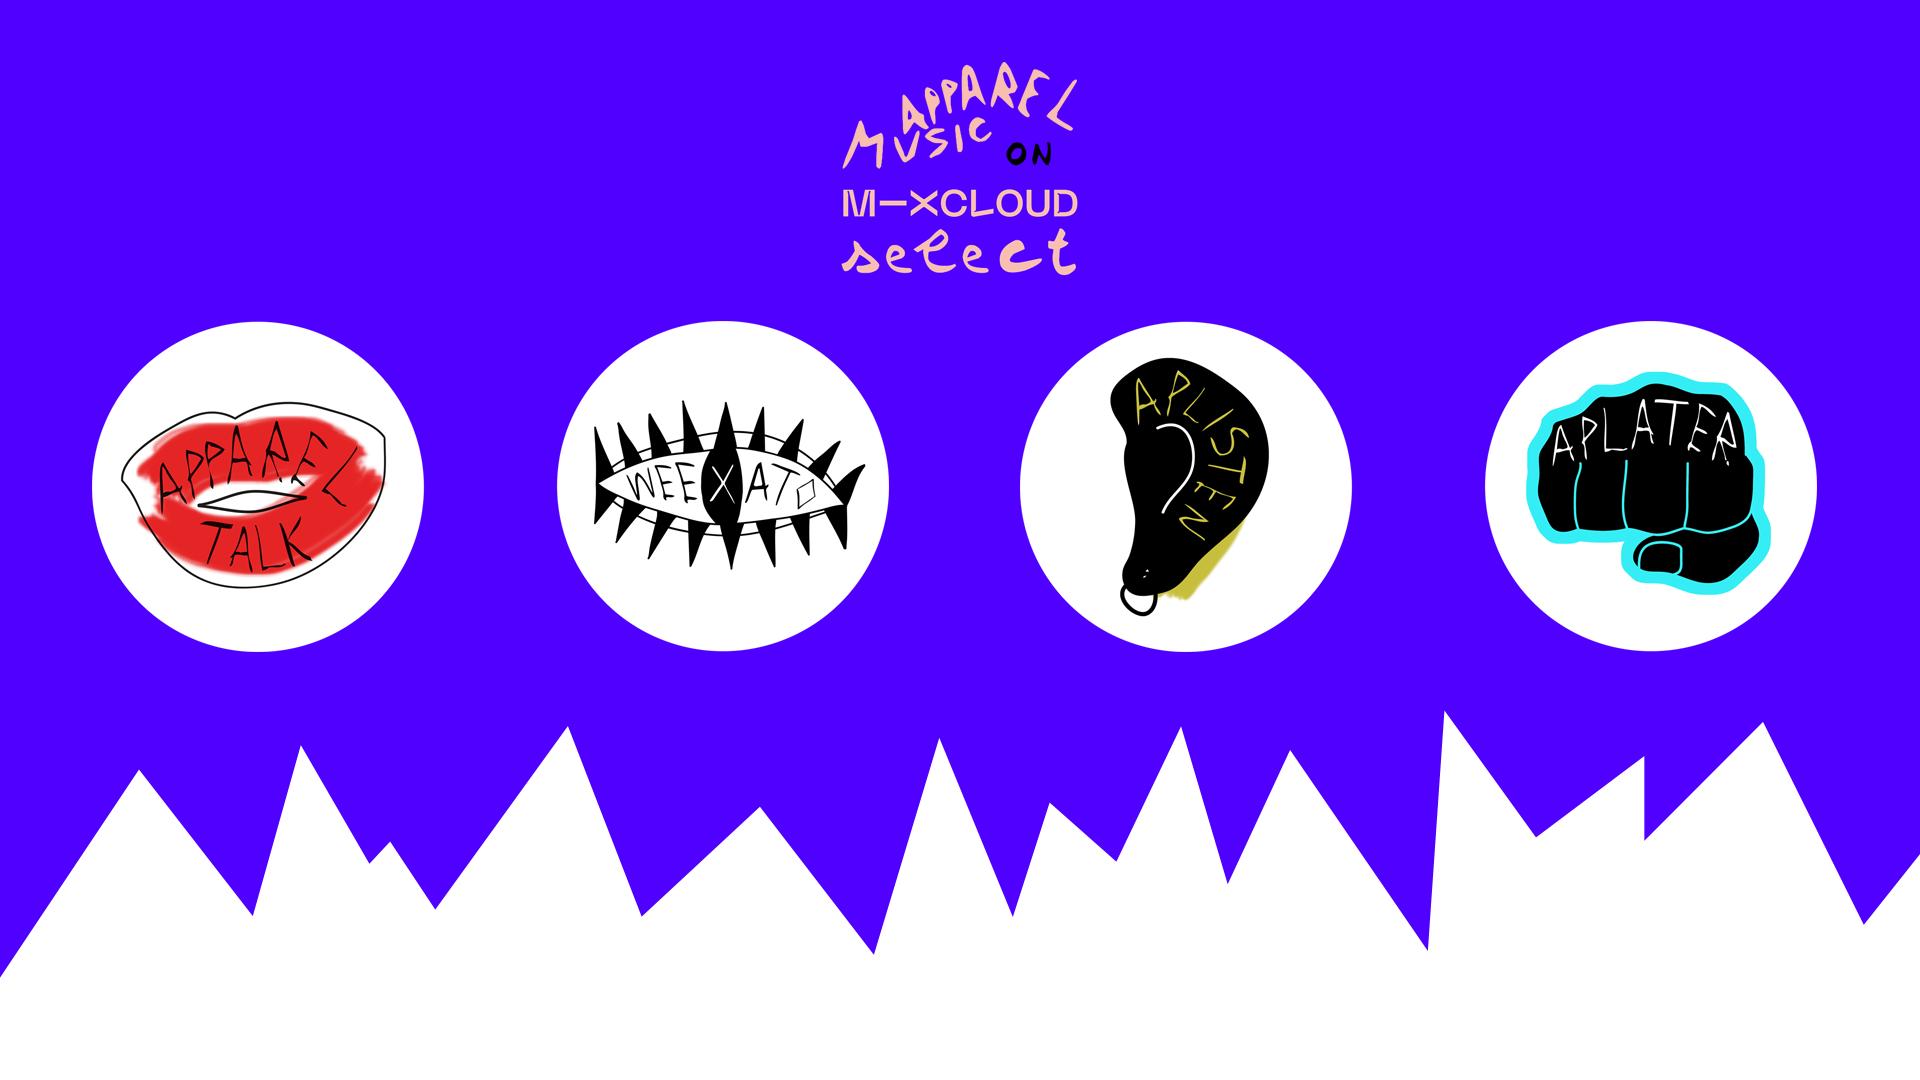 mixcloud-select-banner